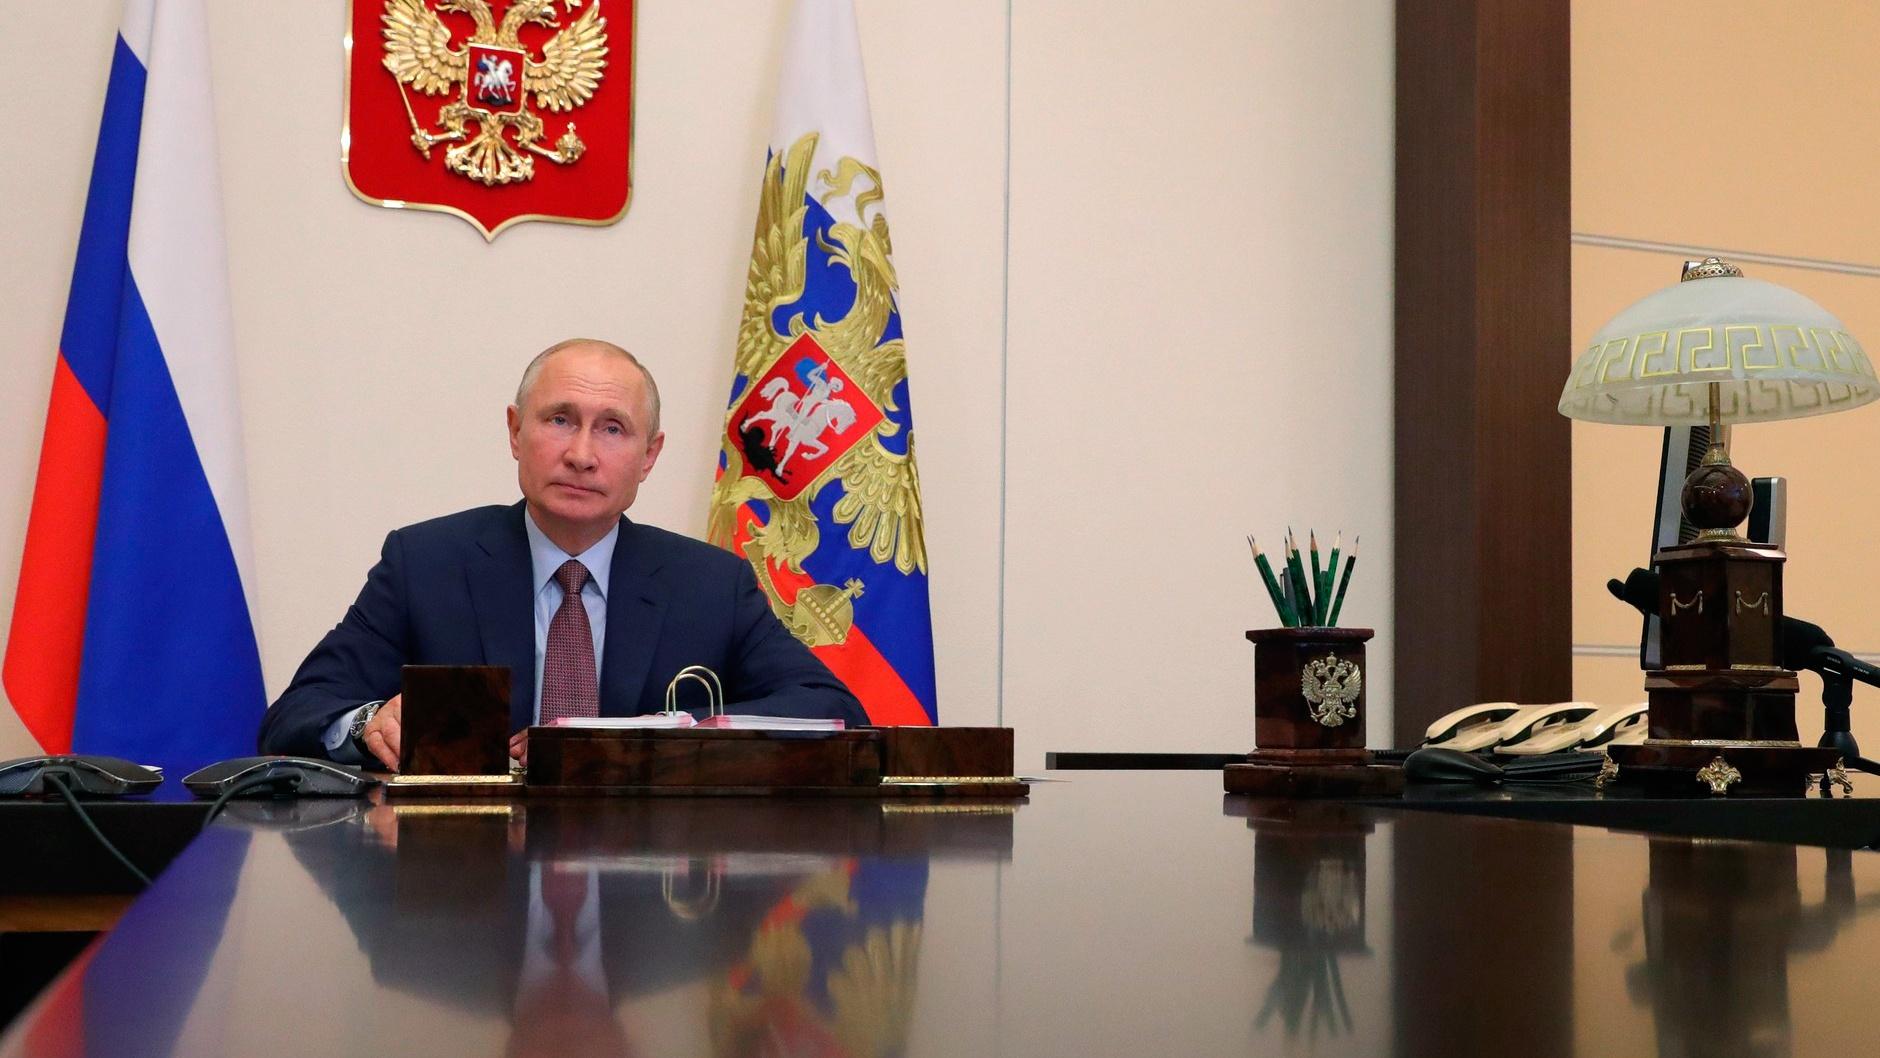 Путин по видеоконференции откроет возведенные Минобороны медцентры в ряде регионов